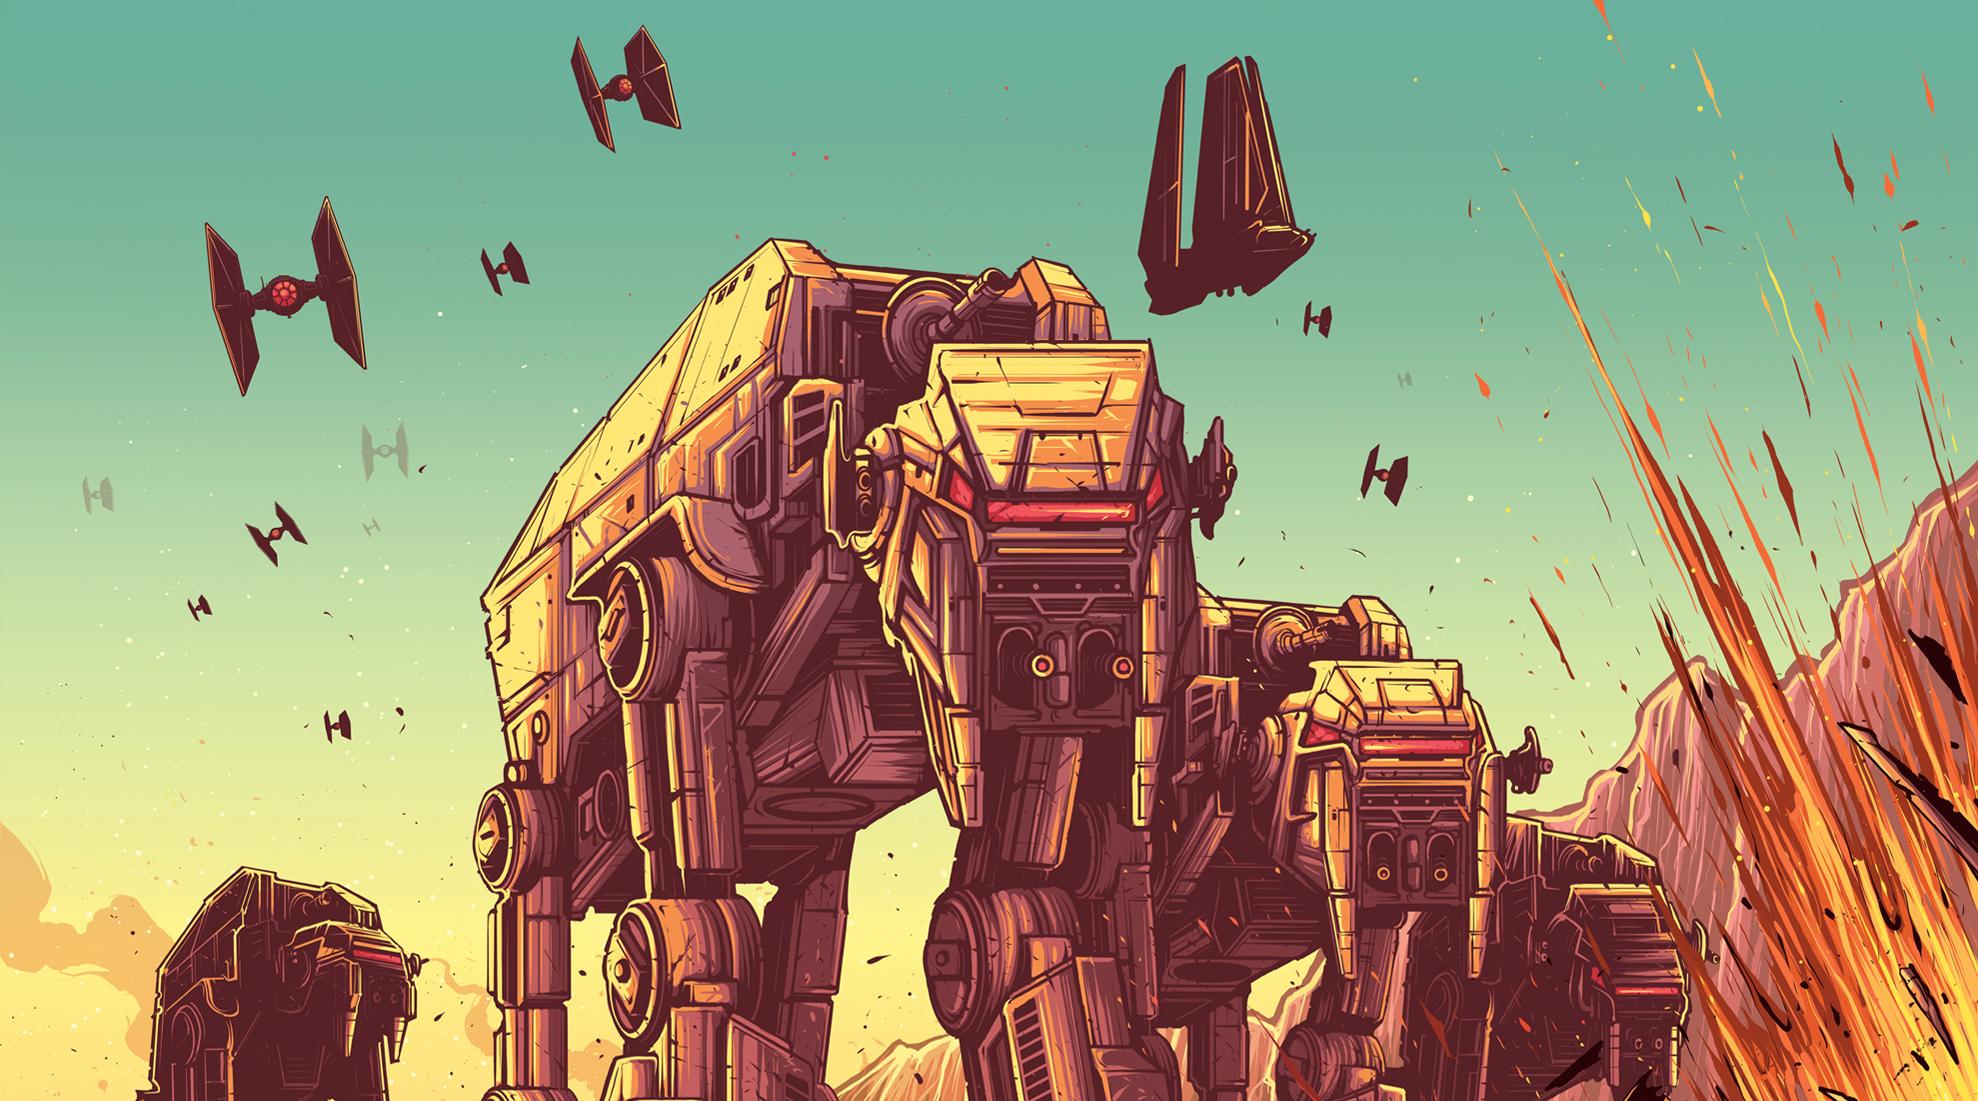 The Last Jedi Dan Mumford Imax Posters Geek Carl